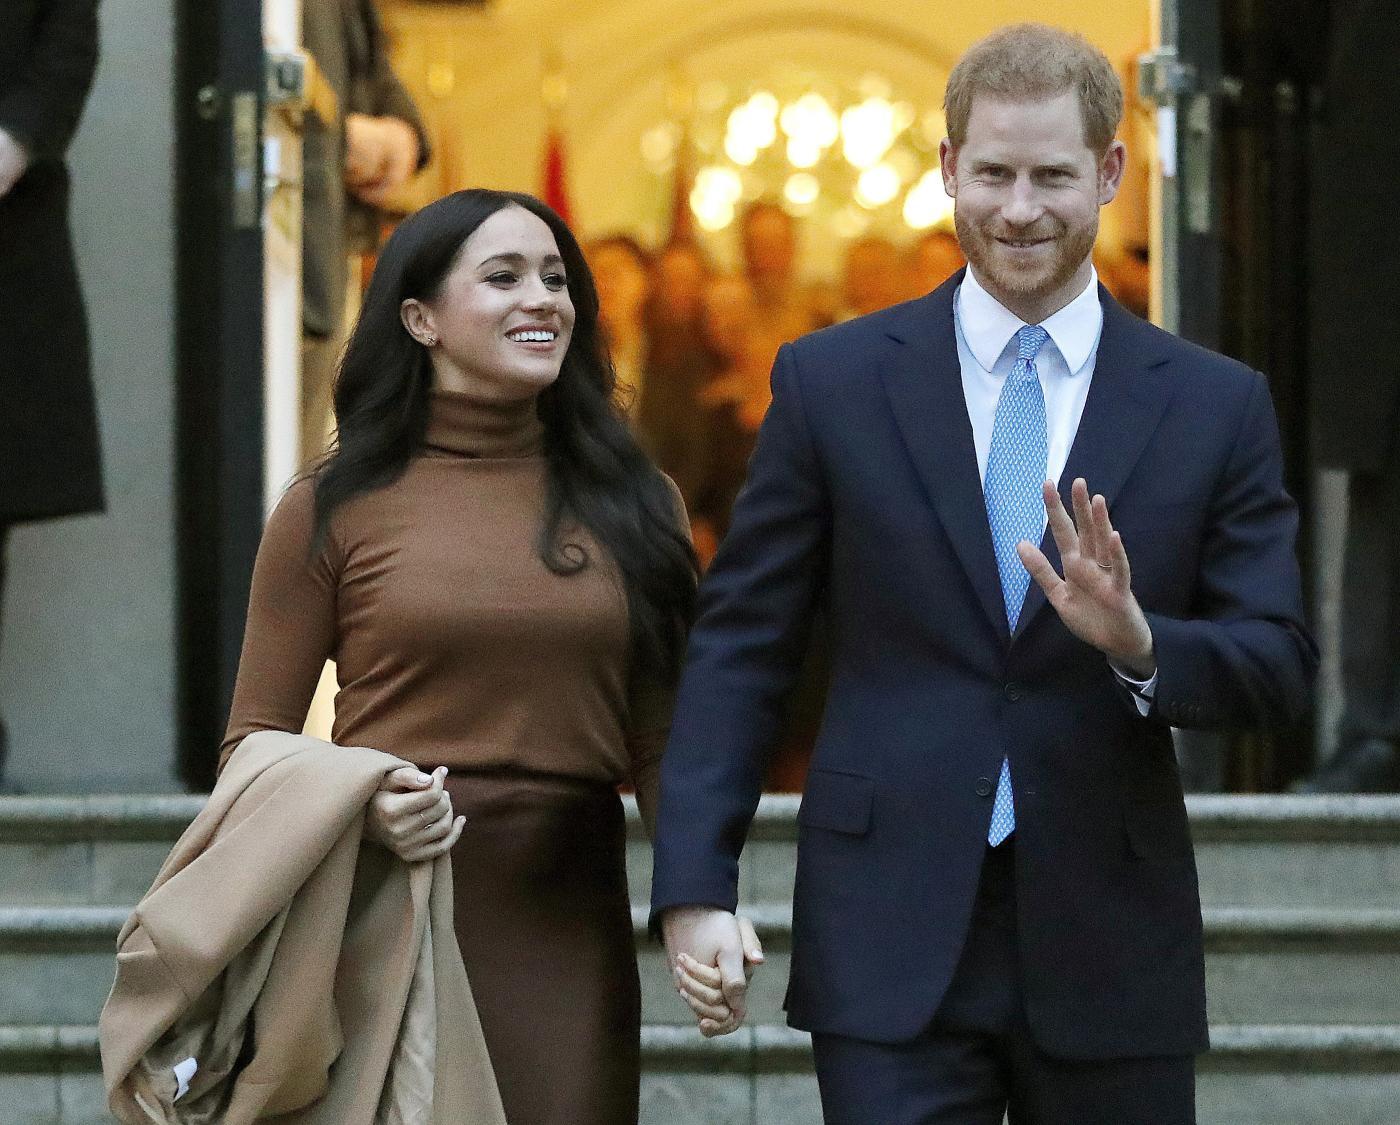 Meghan Markle,Prince Harry